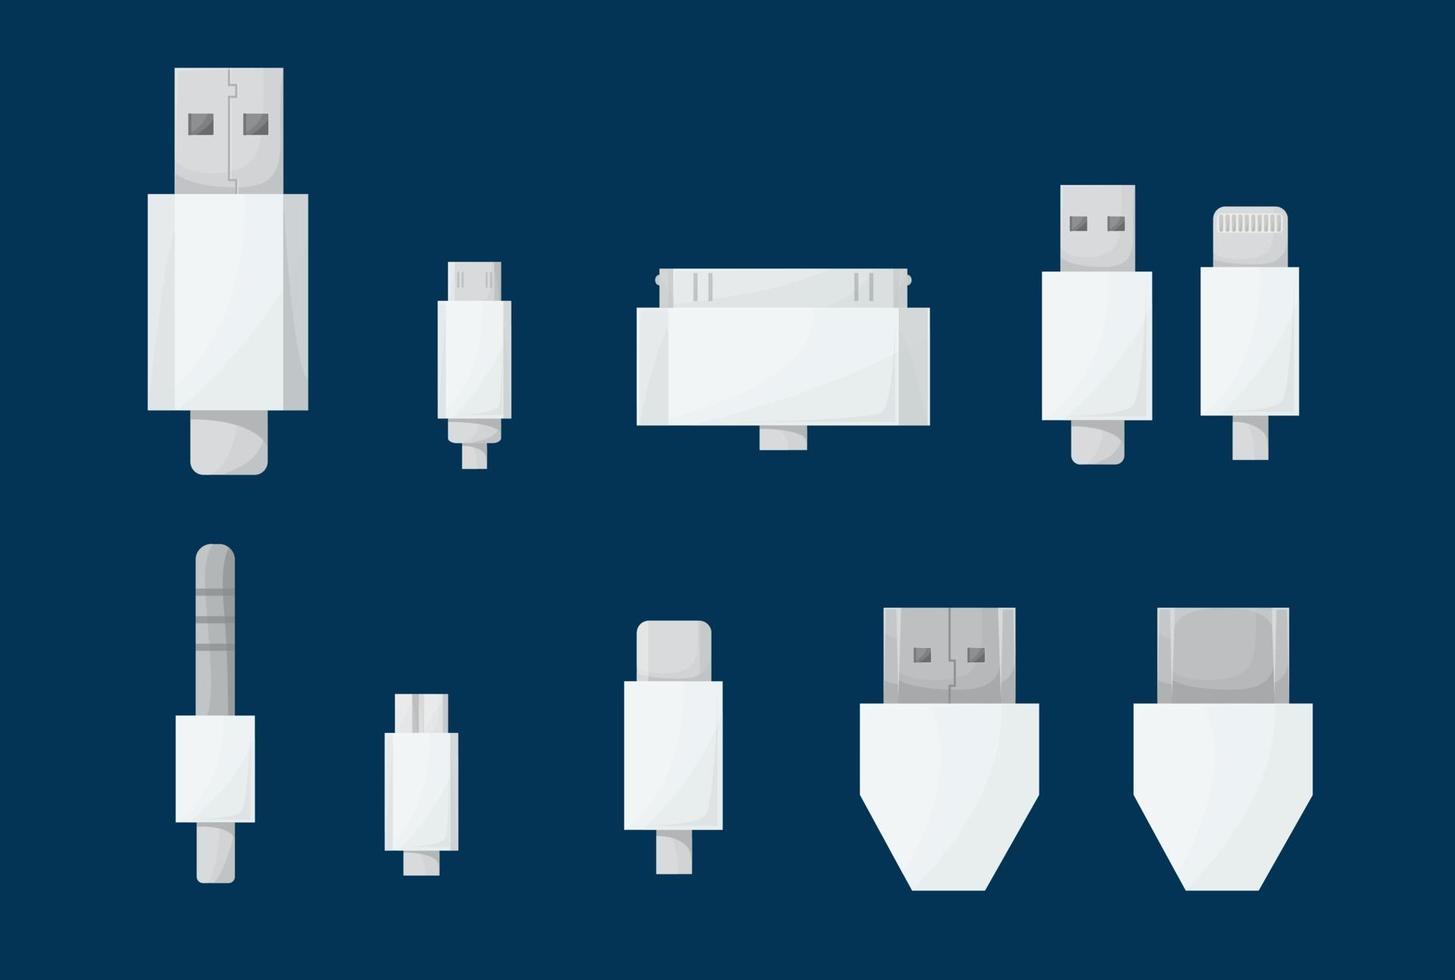 jeu de câbles usb. fiches de type a, b et c, mini, micro, éclair, hdmi, 30 broches, jack. connecteurs de câble blanc ordinateur universel.illustration vectorielle en style cartoon vecteur